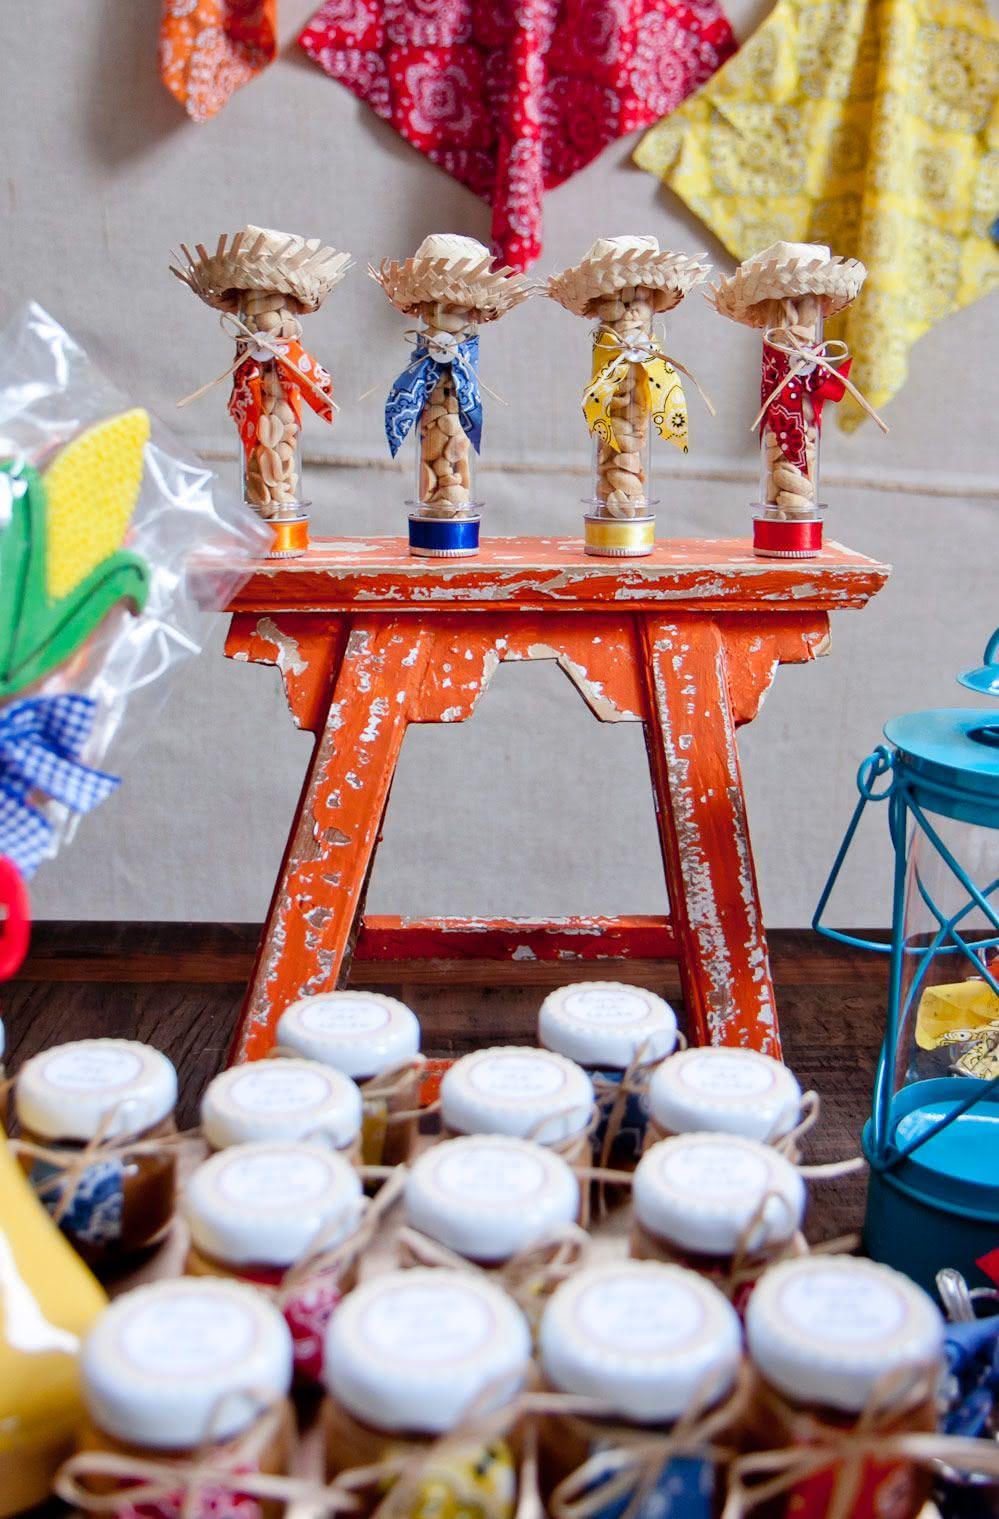 70 Ideias para uma Decoraç u00e3o de Festa Junina Incrível -> Decoração De Mesa Para Festa Junina Simples